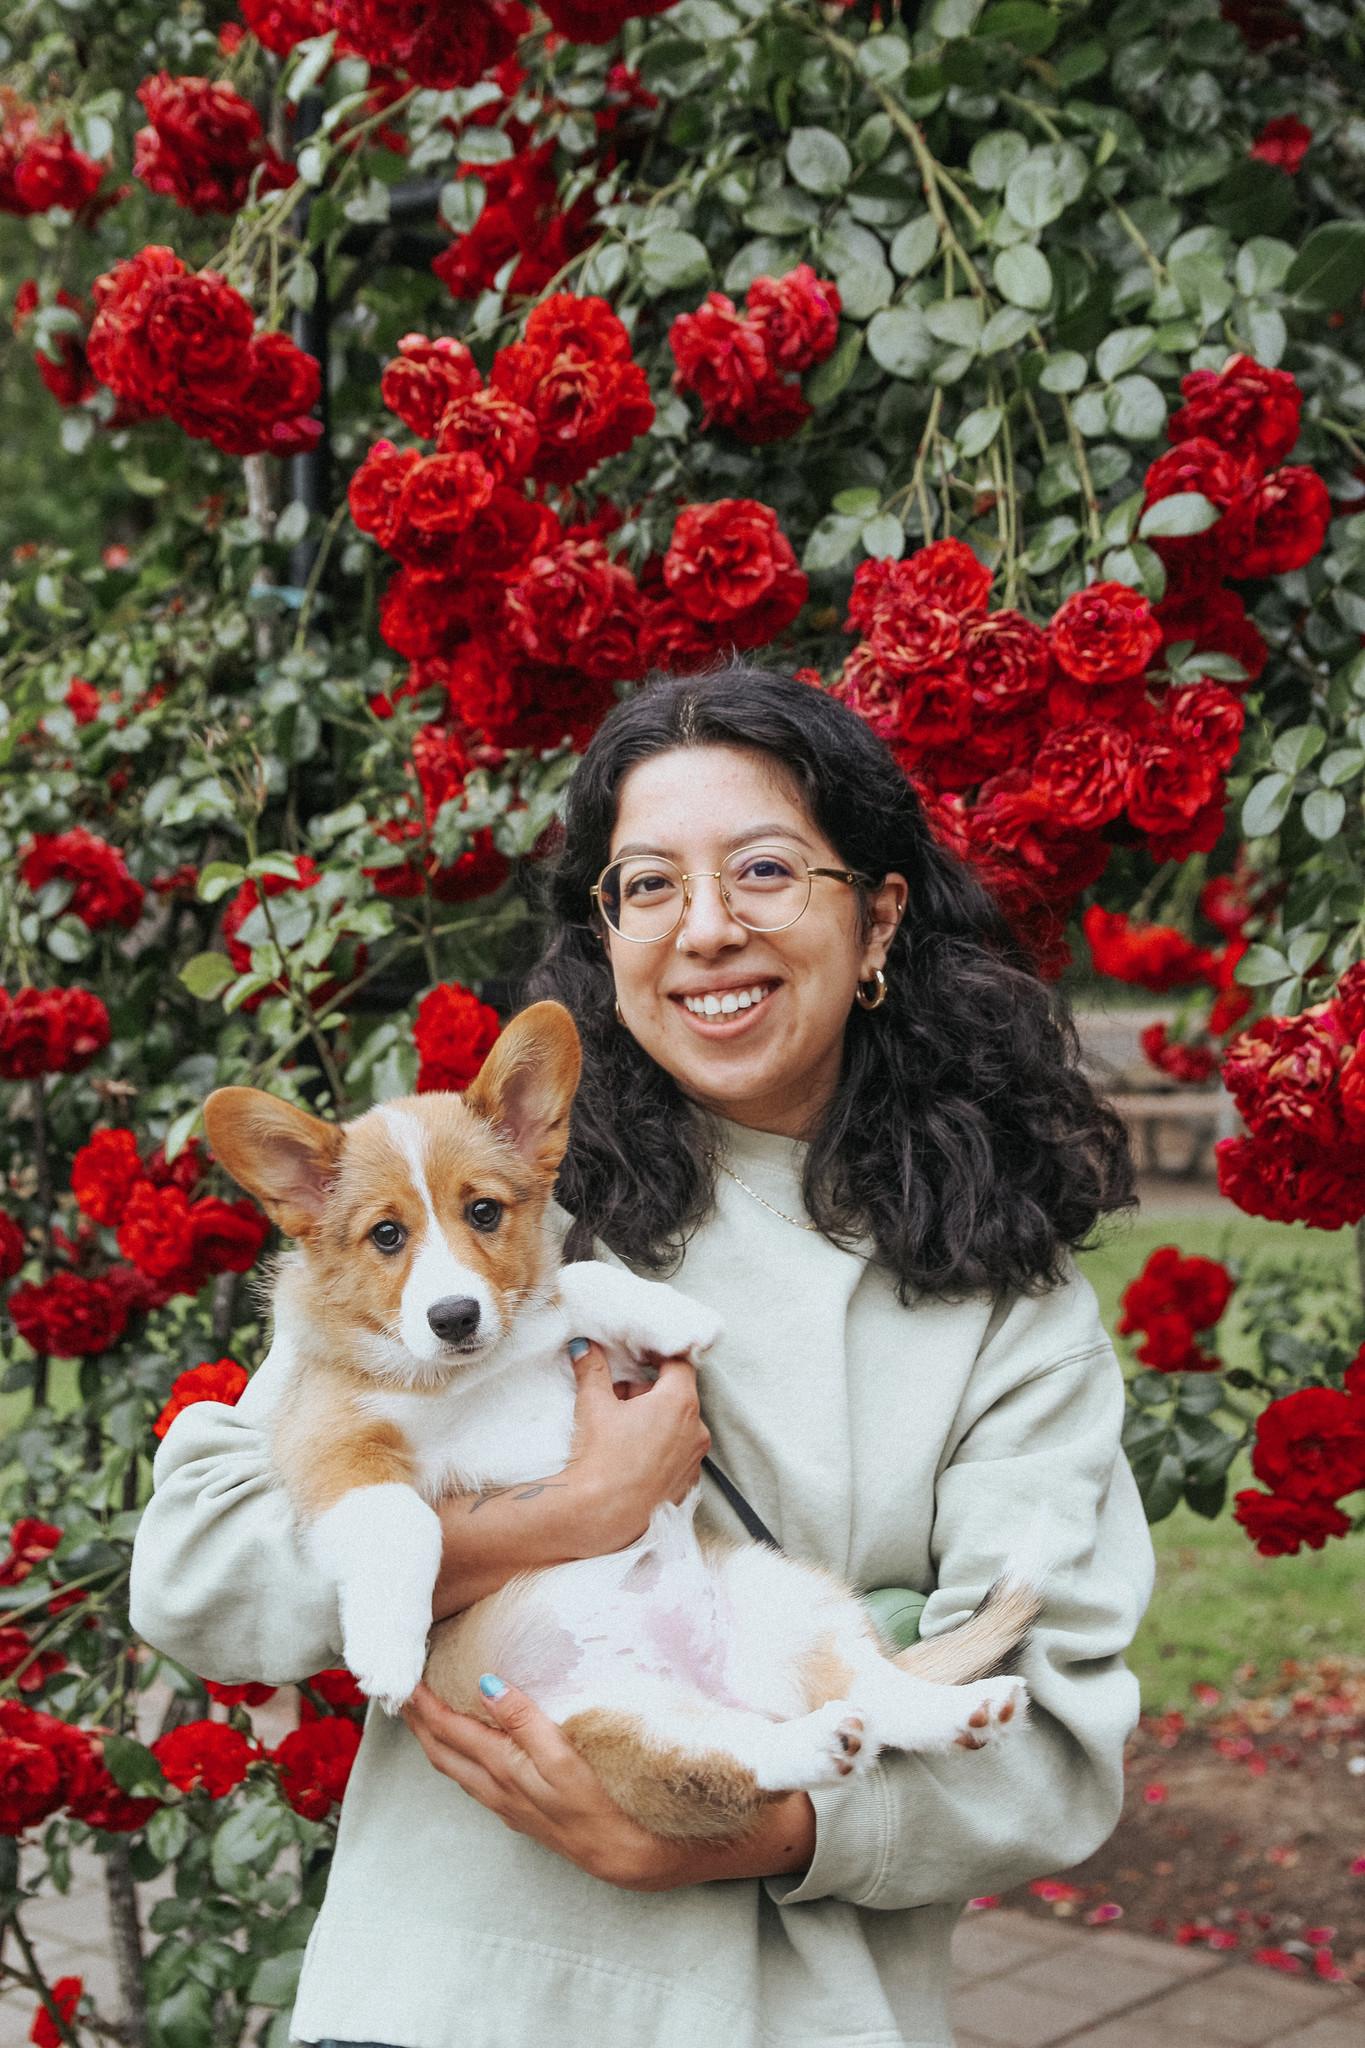 Our Florist Julia